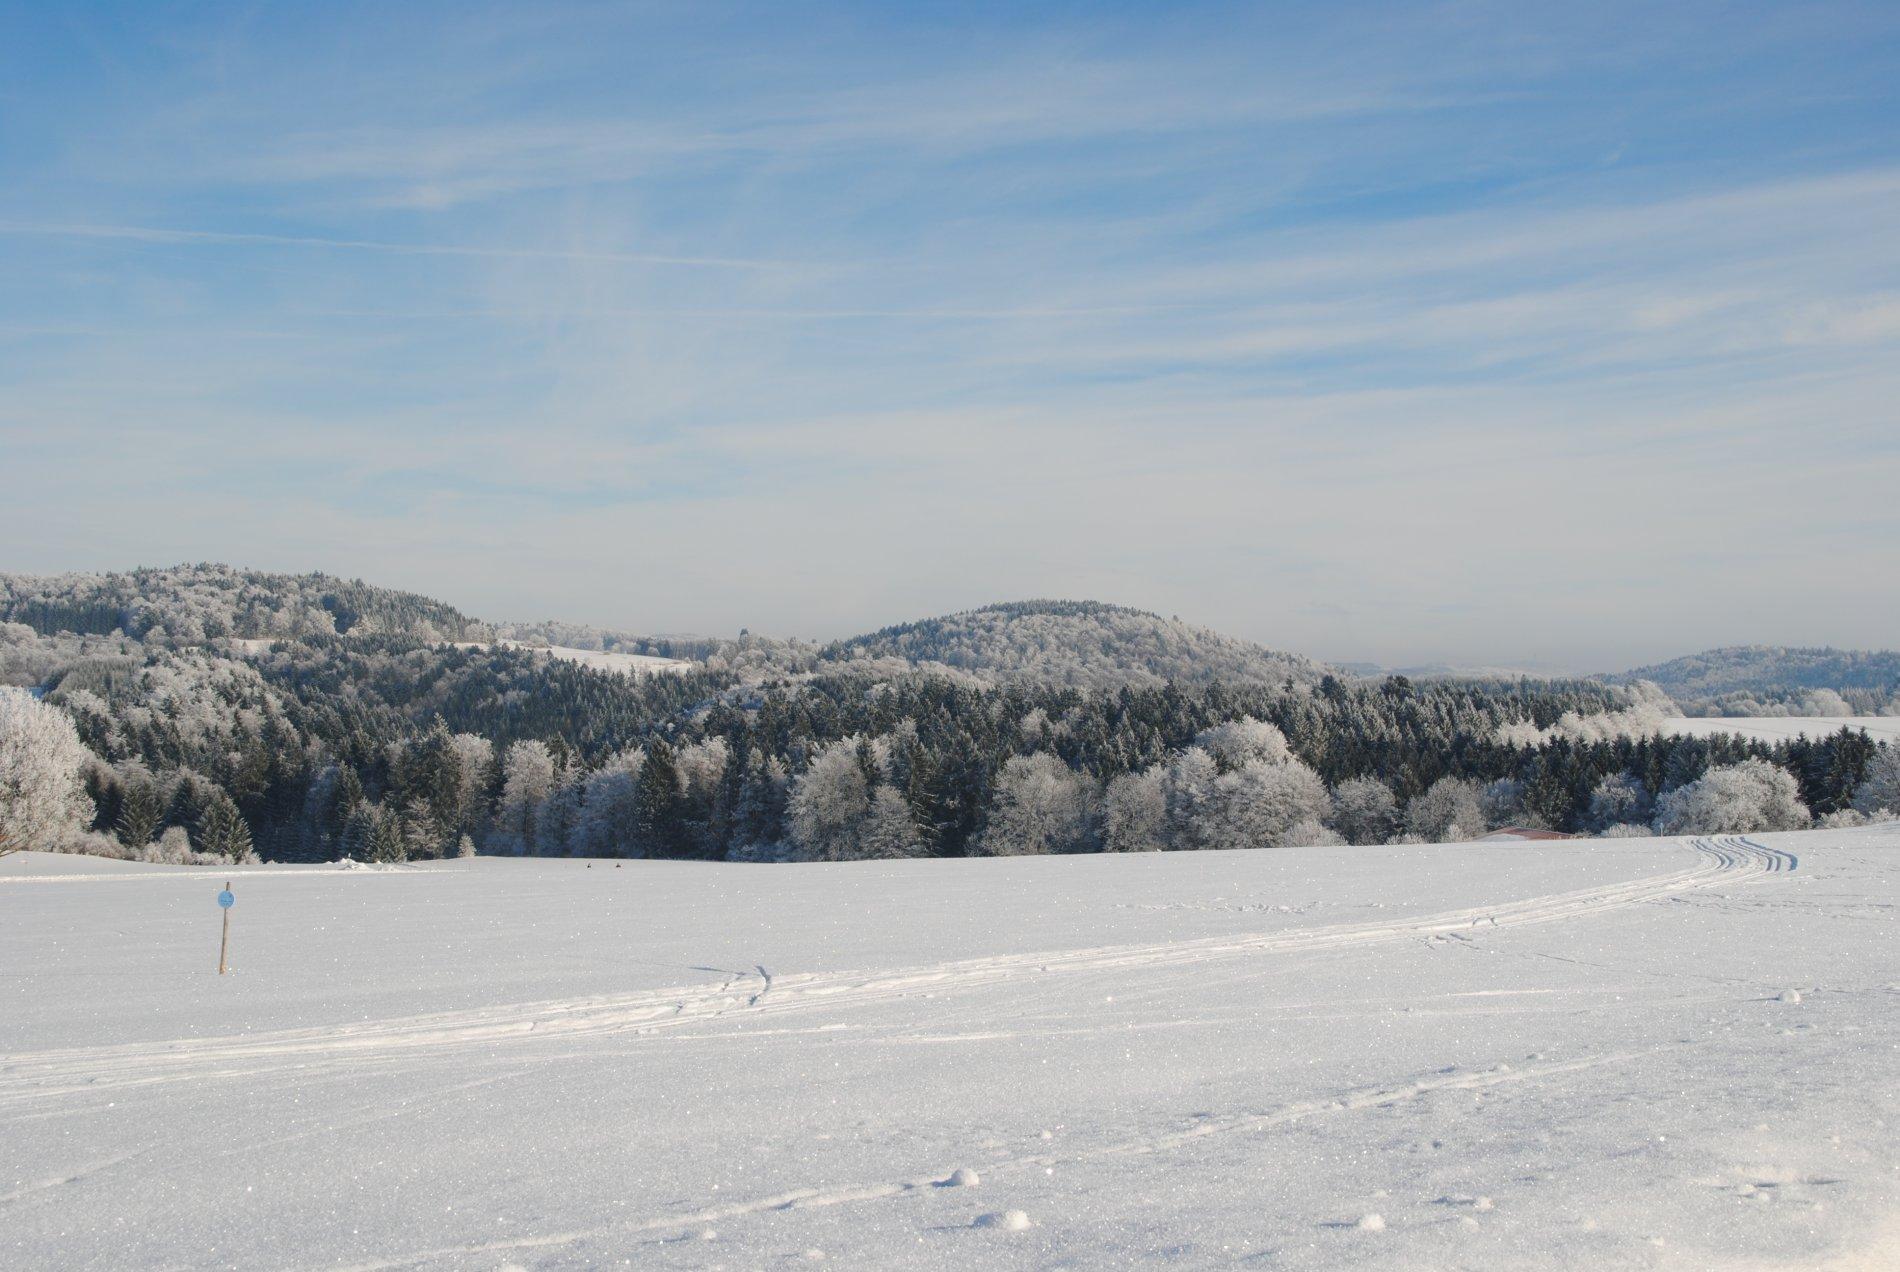 Skihang Burgbühl in Obernheim